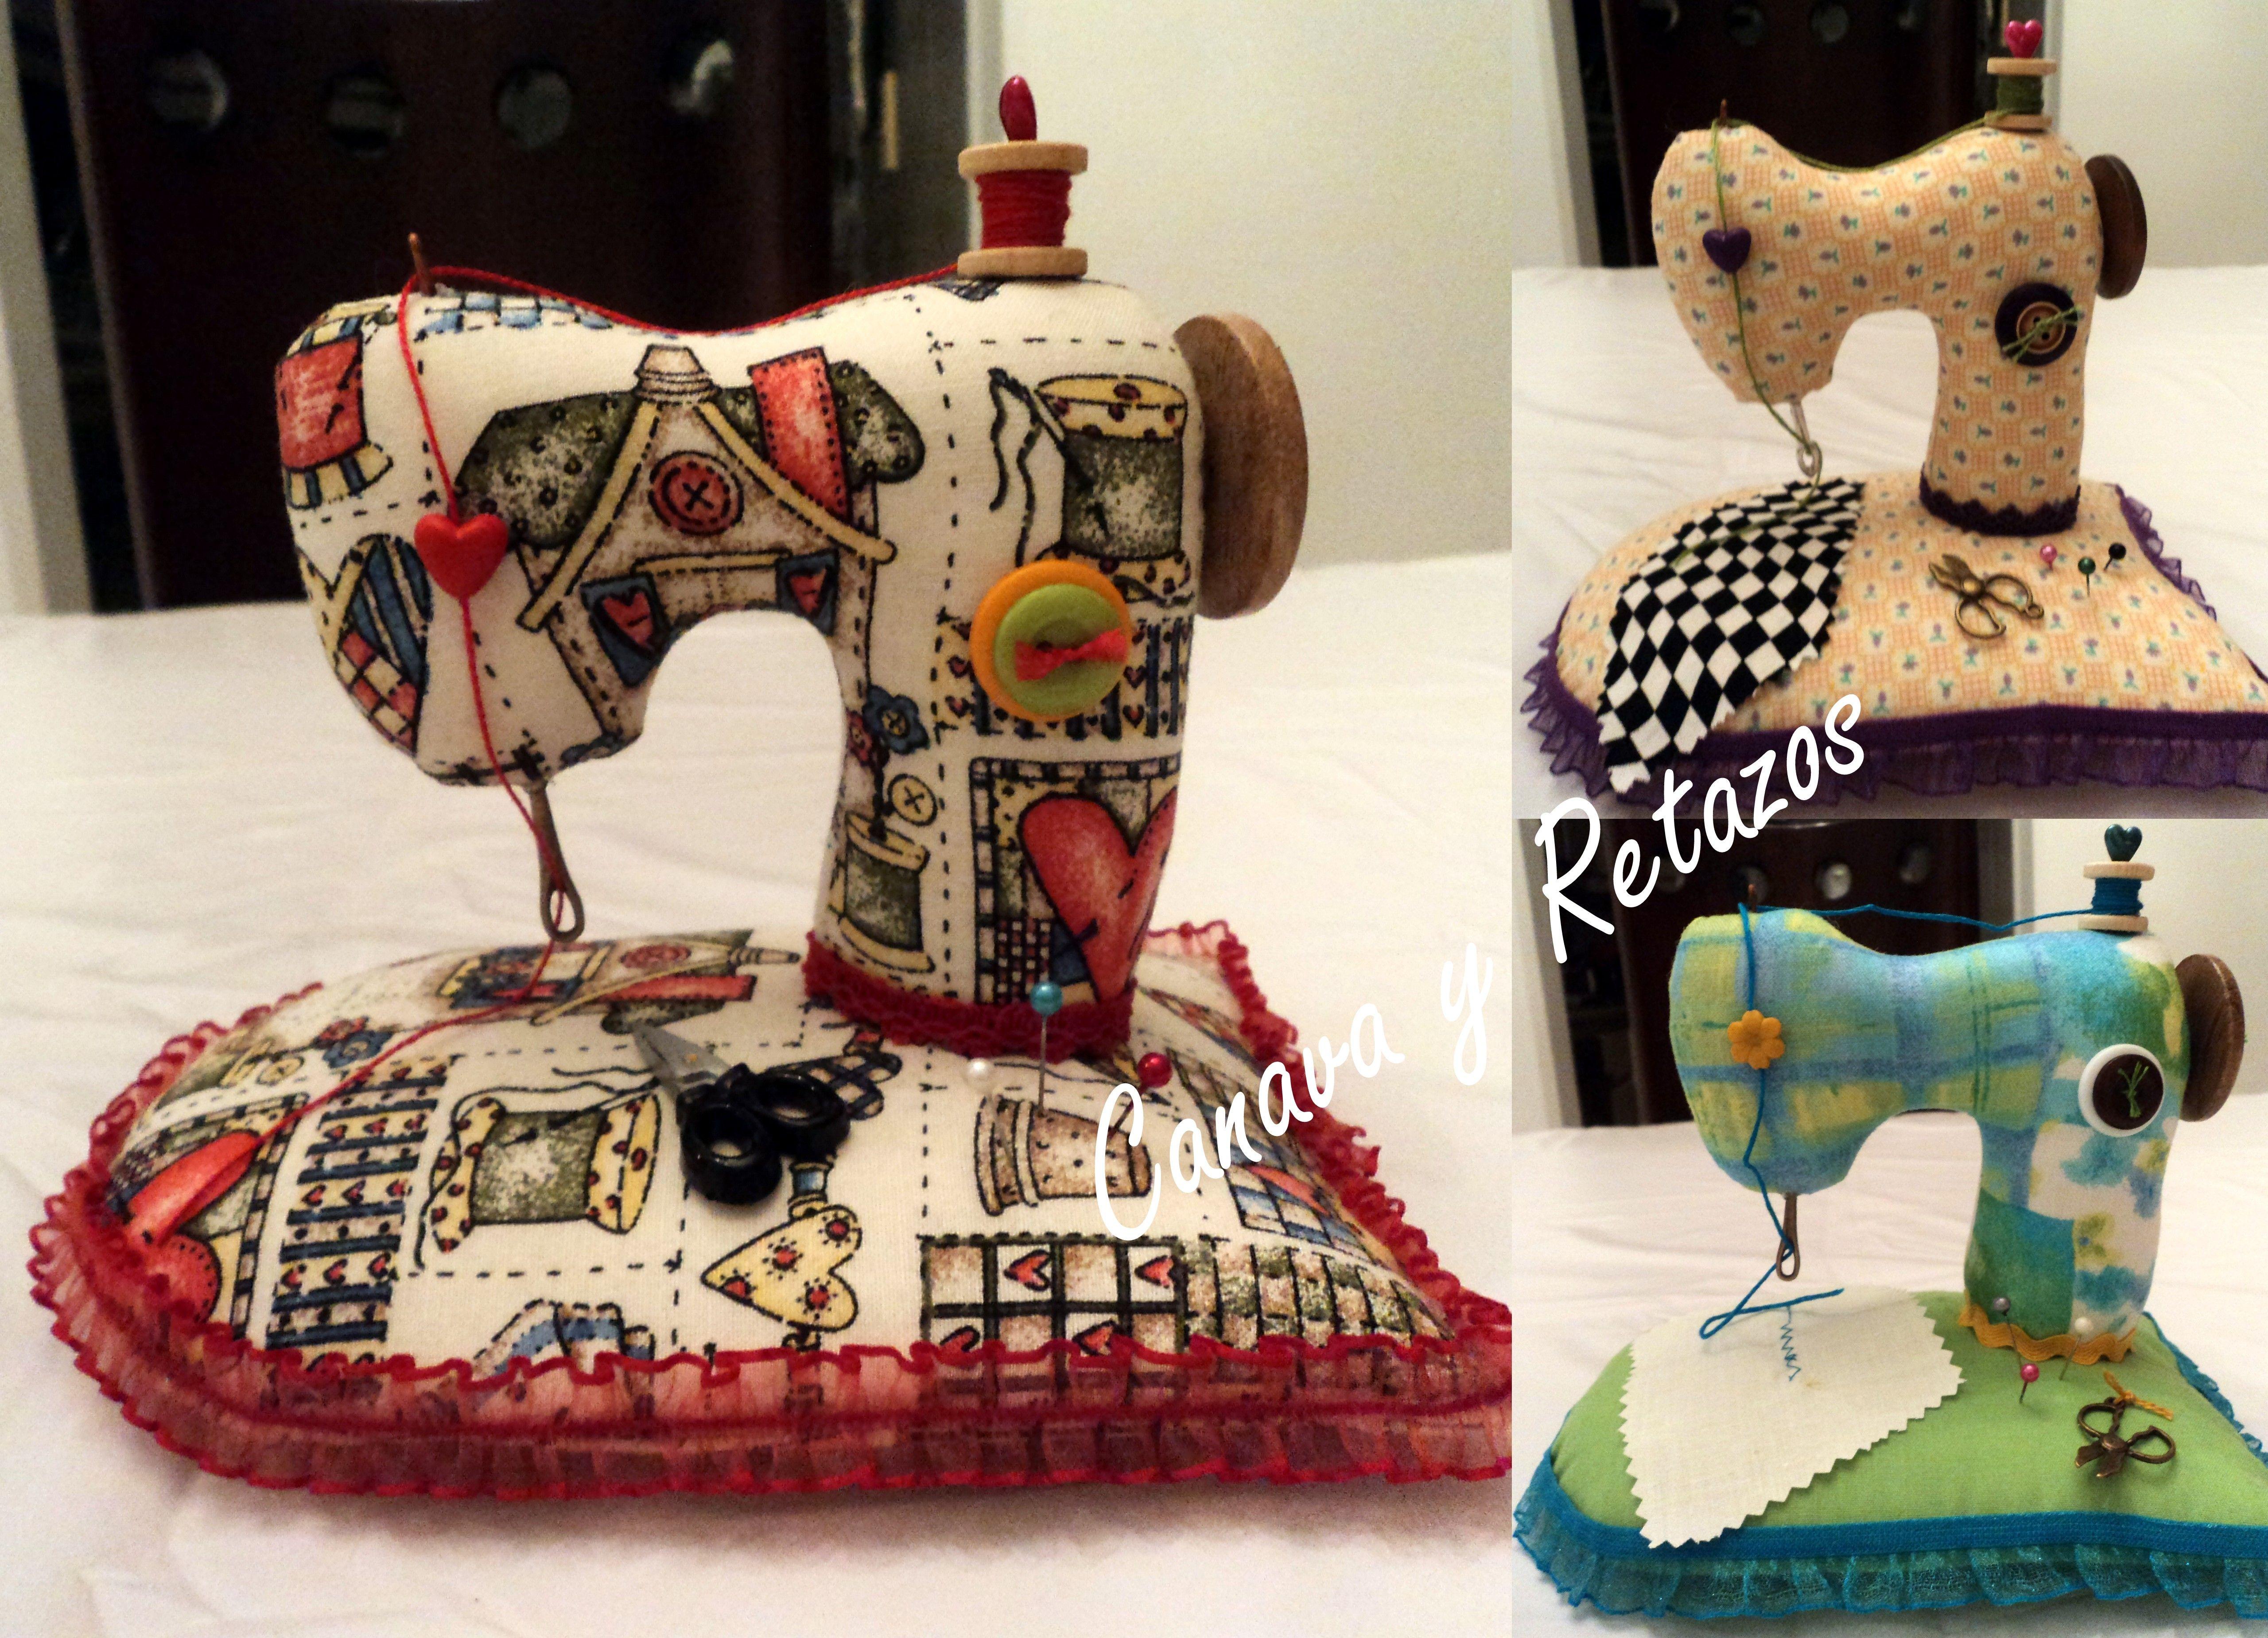 Alfiletero-Costurero Maquinas de Coser (com imagens